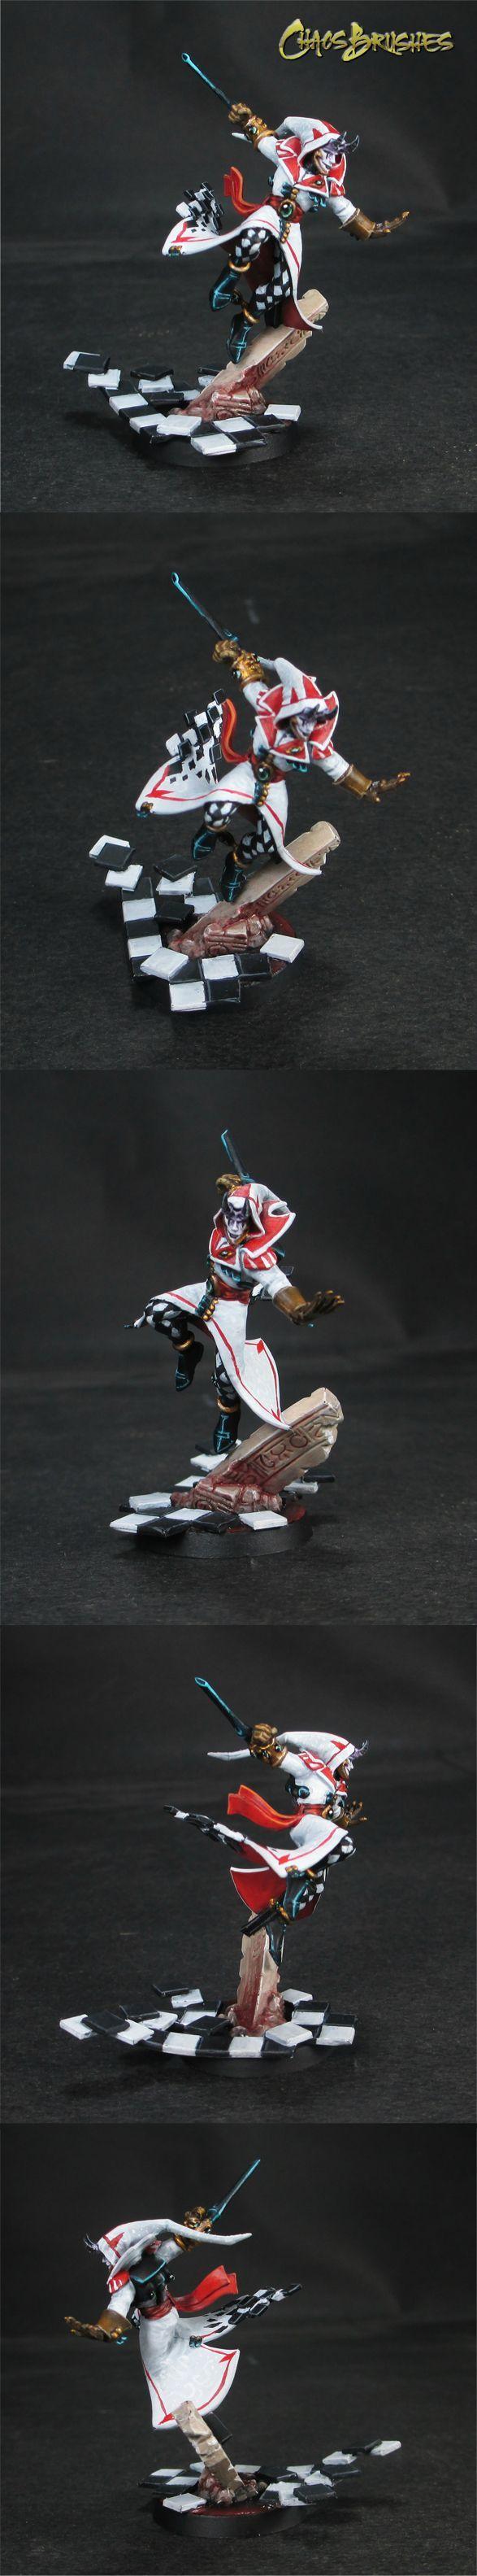 Ninja Clowns in Spess (A Harlequin blog)